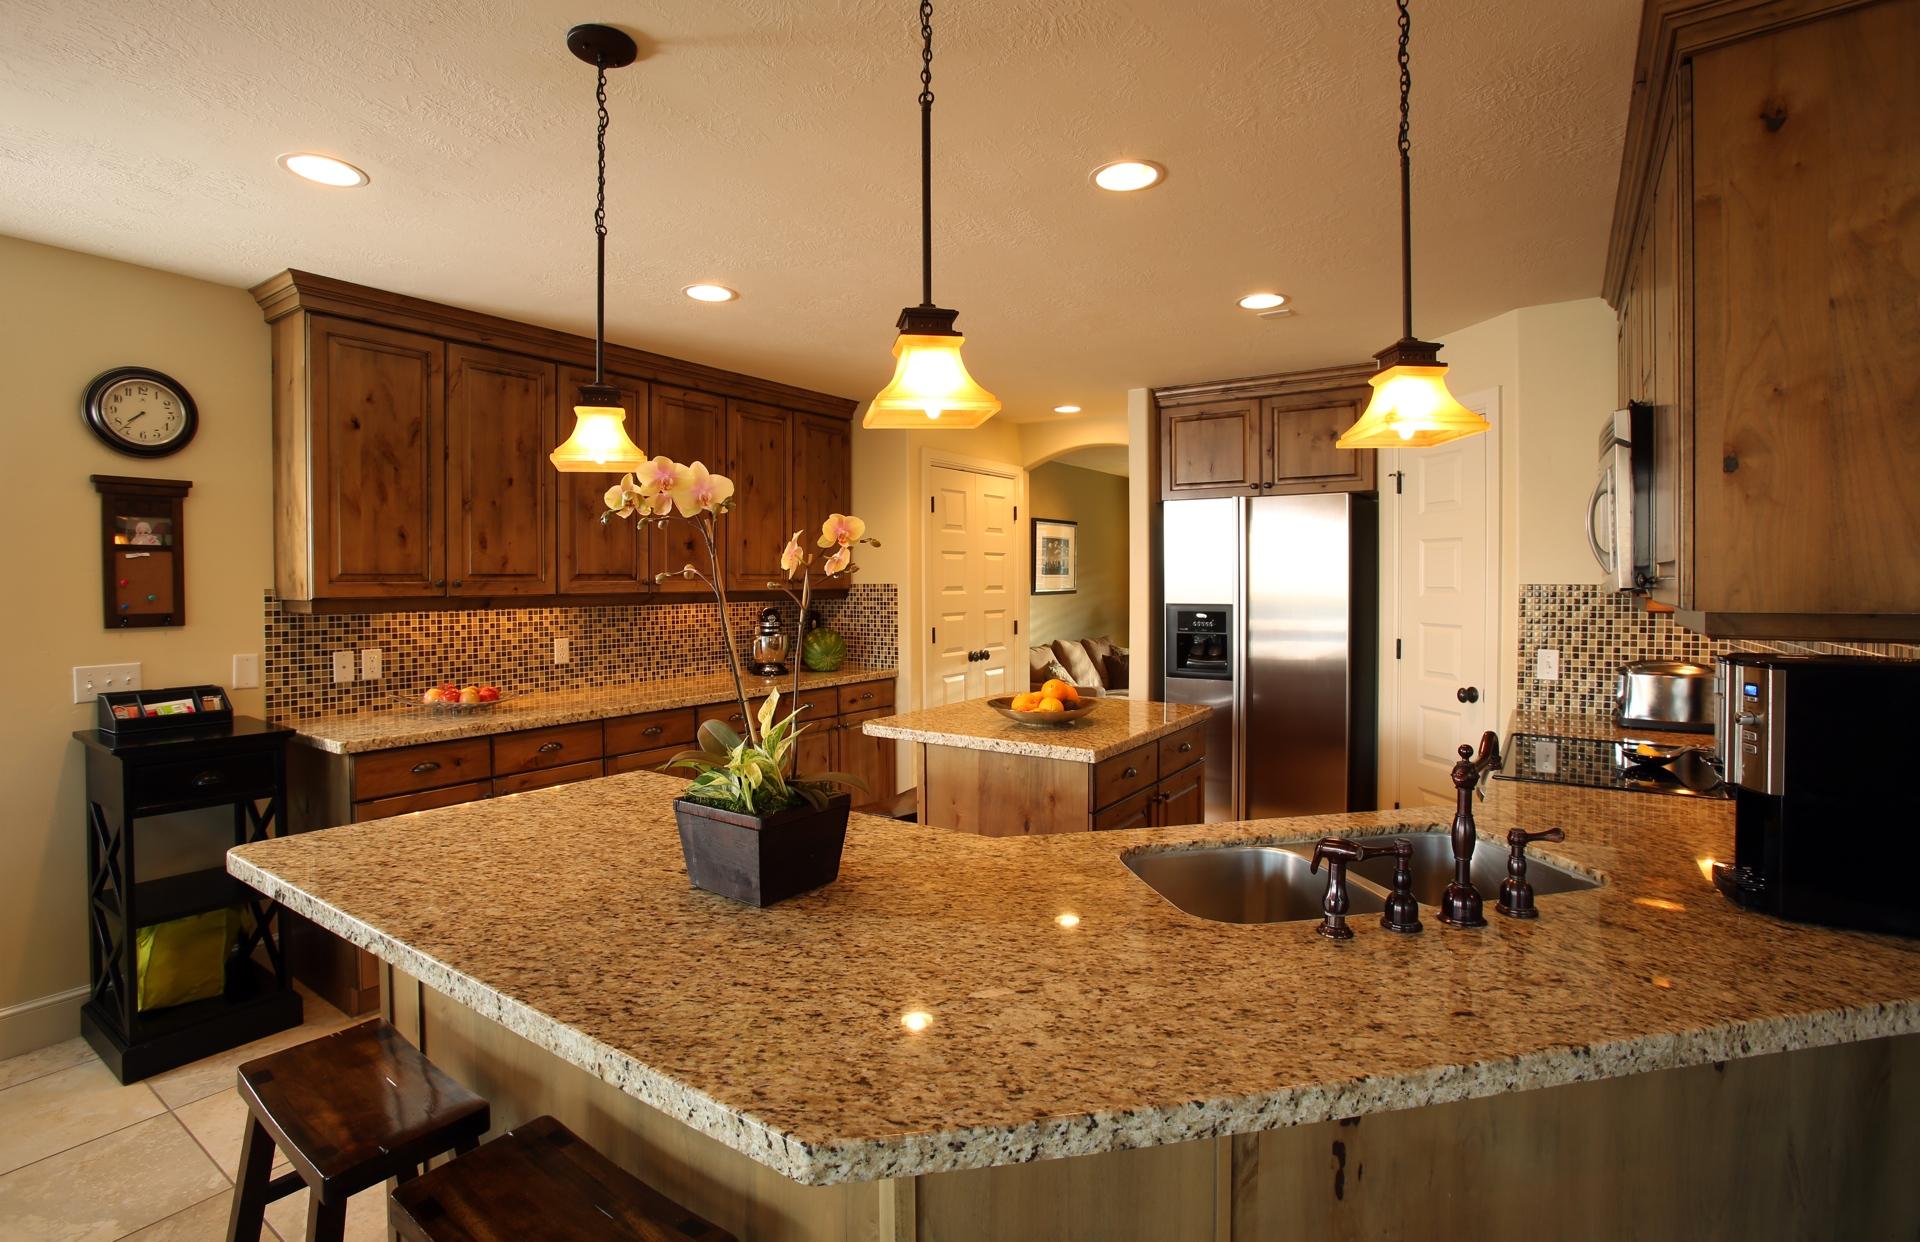 crest_kitchen1.jpg